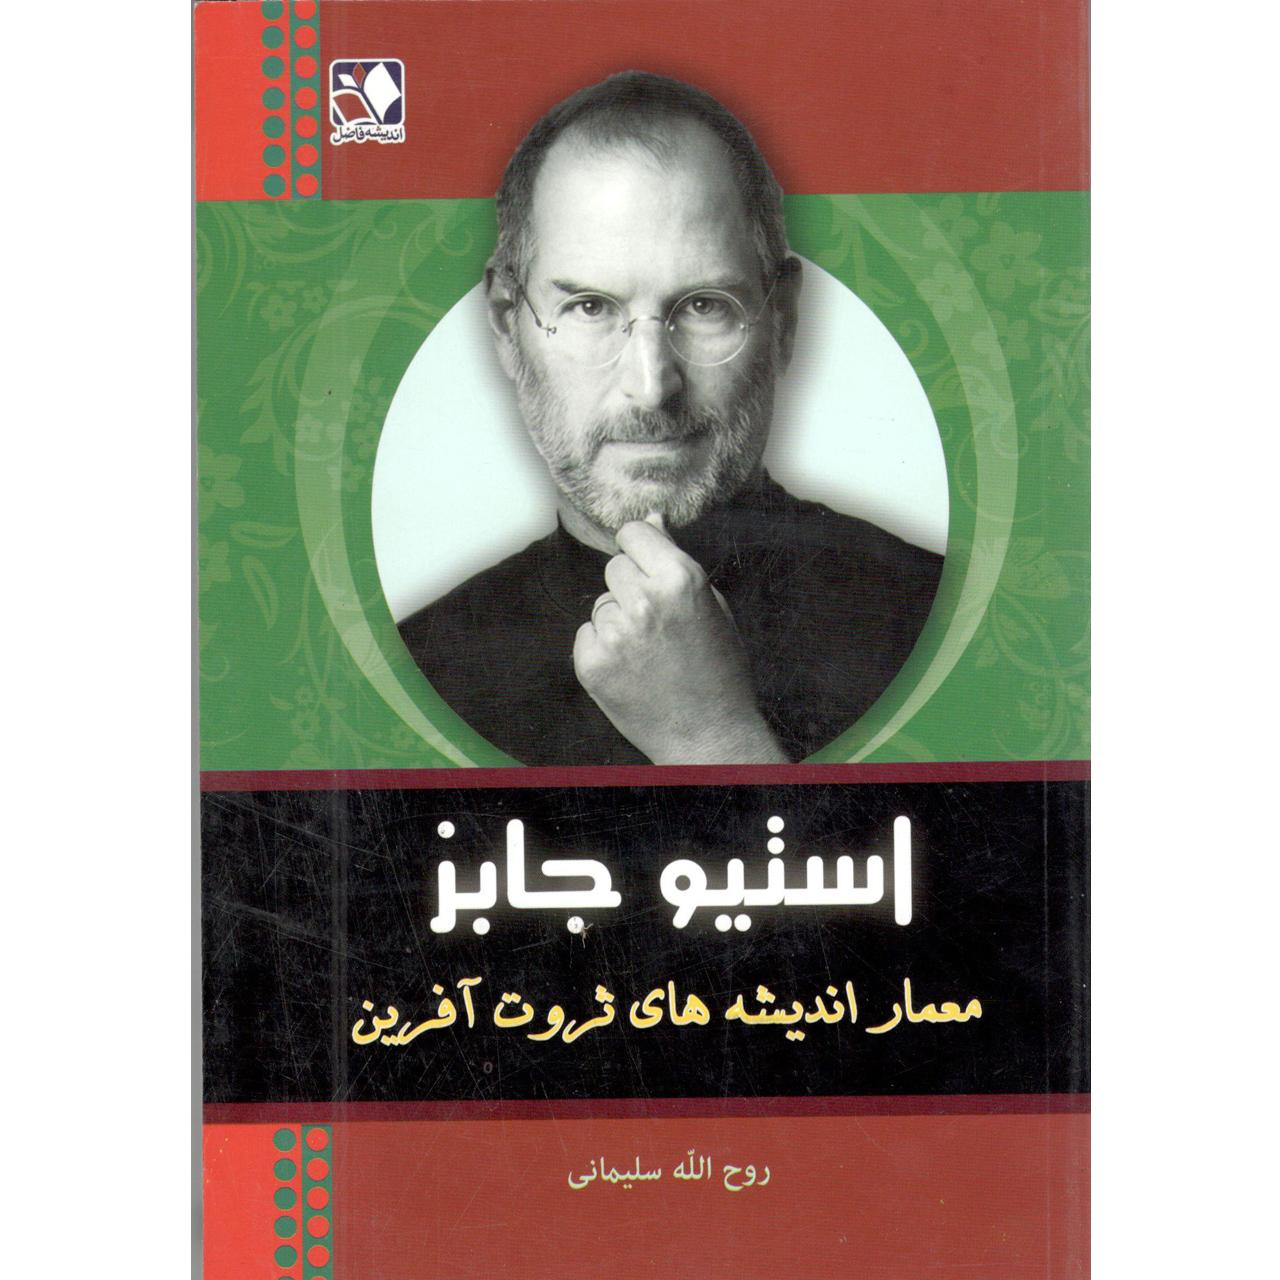 کتاب استیو جابز معمار اندیشه های ثروت آفرین اثر روح الله سلیمانی